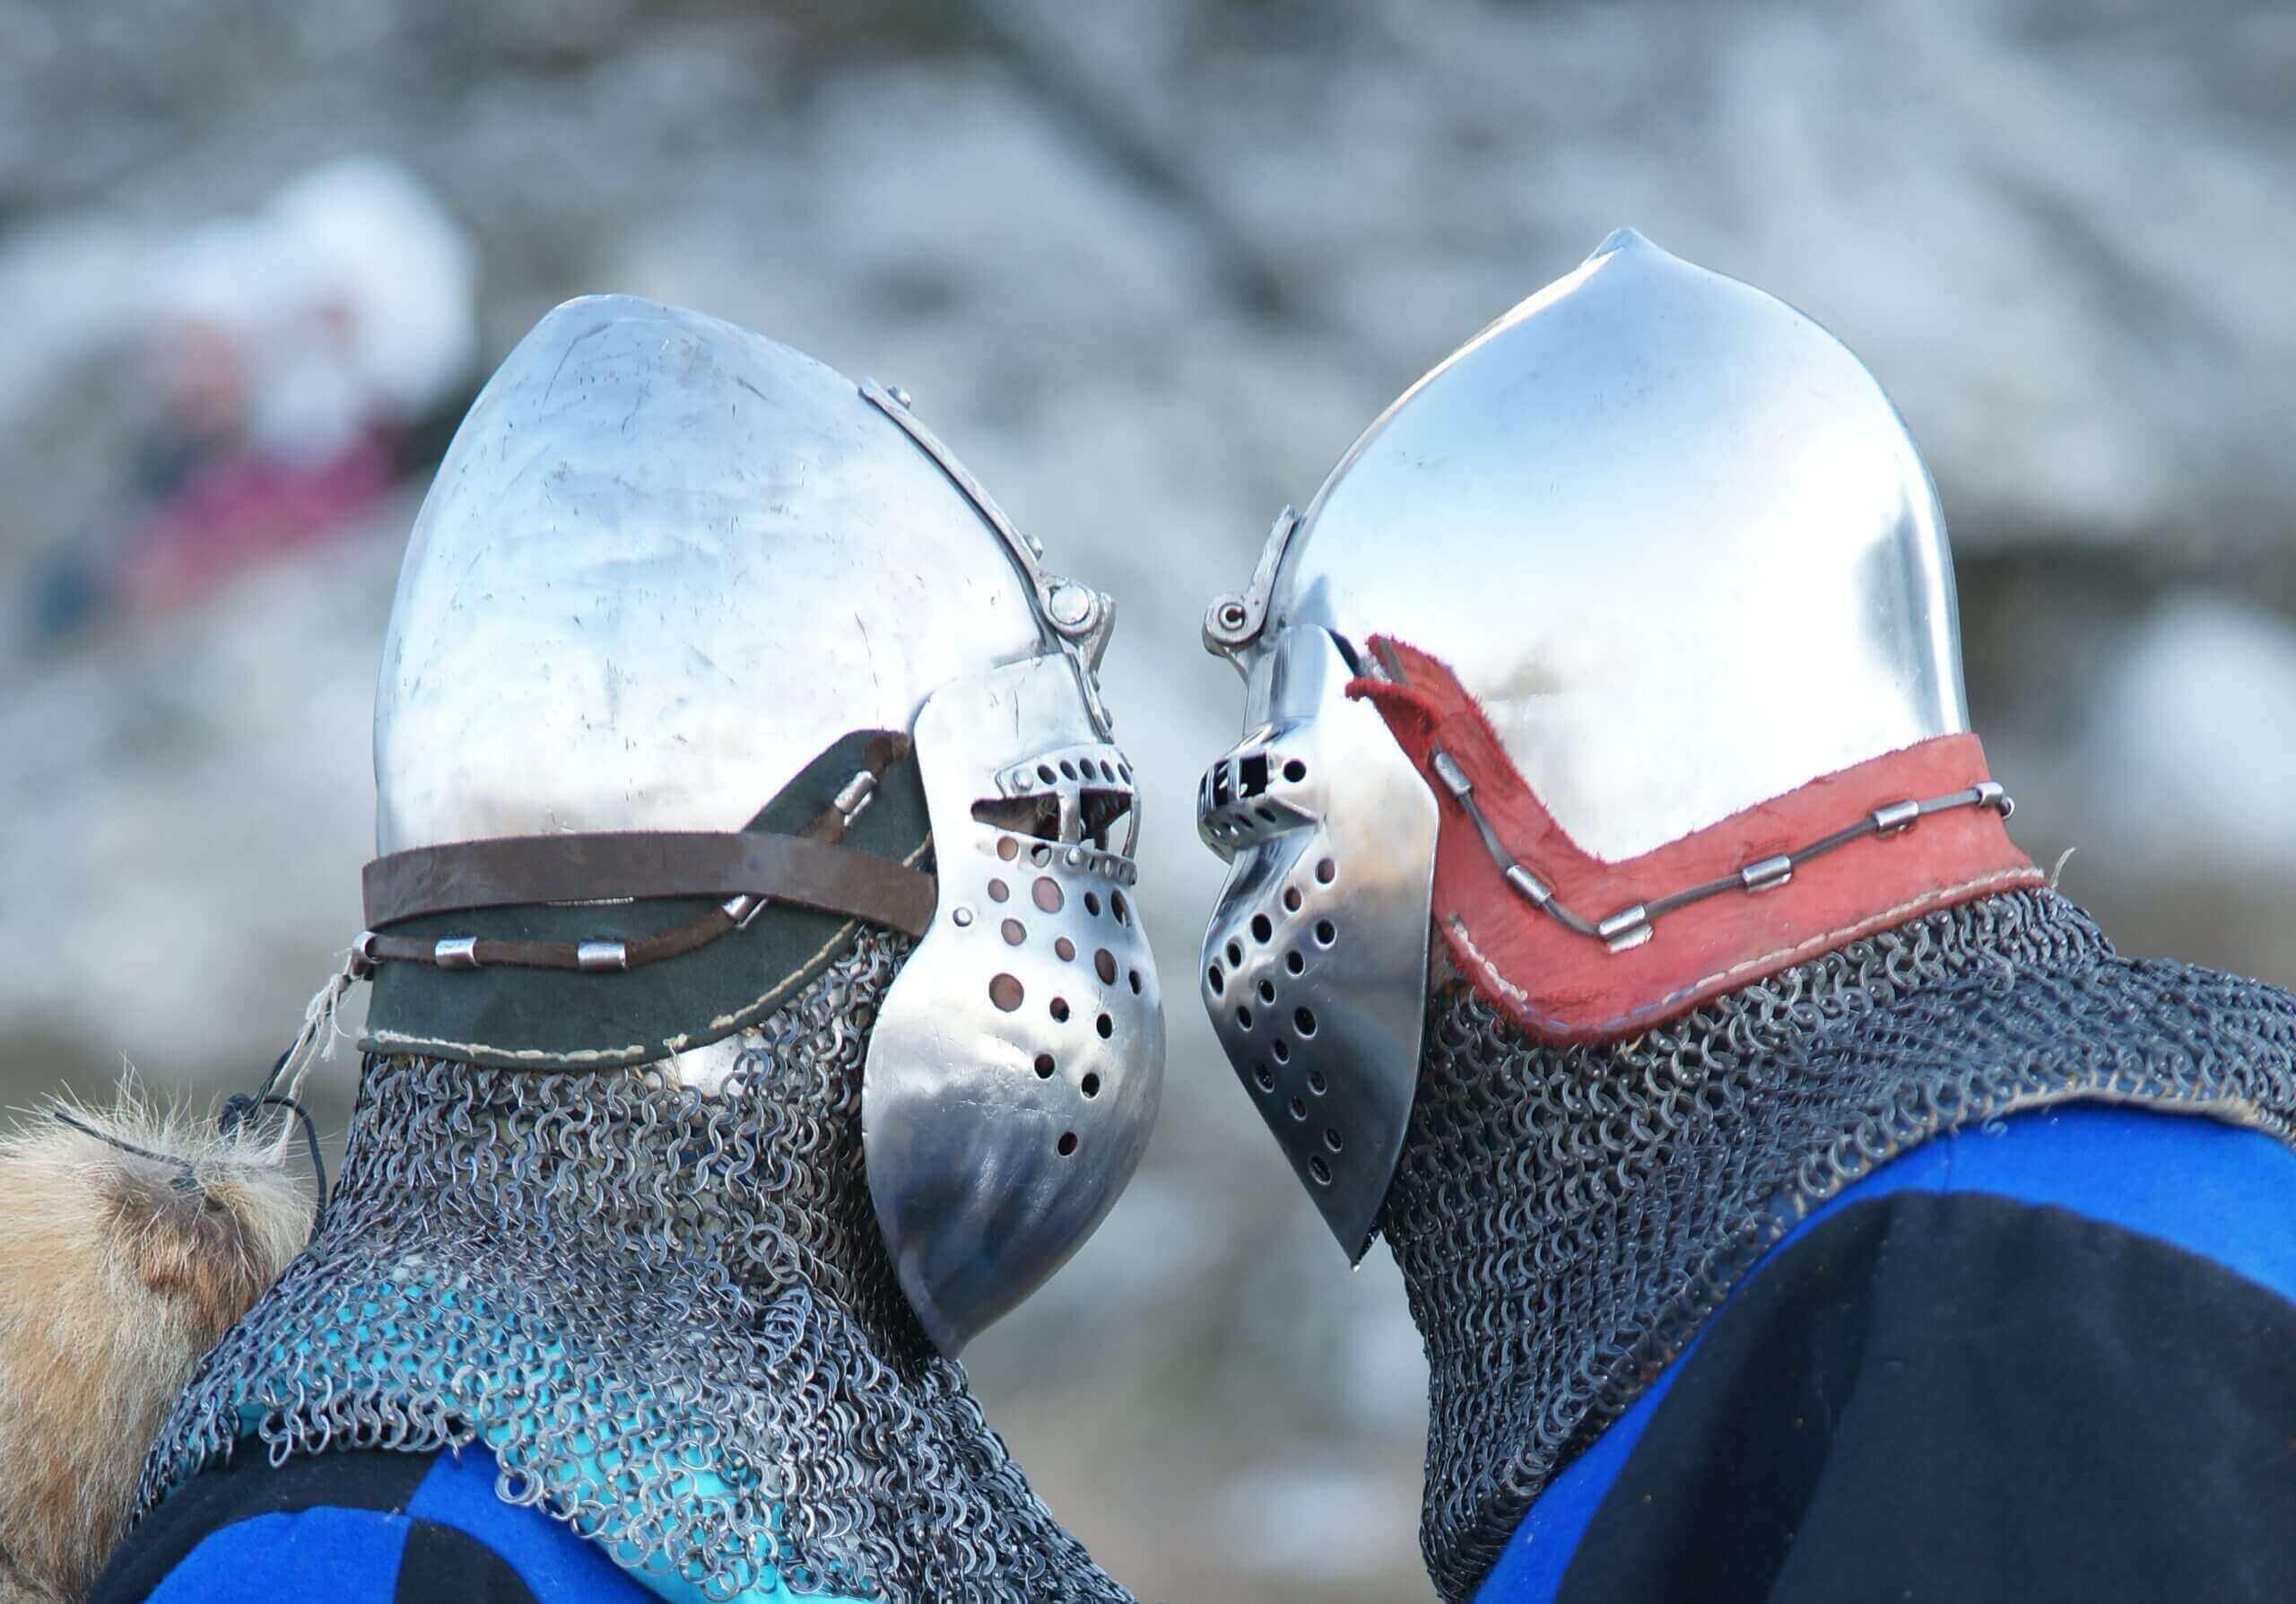 dwóch rycerzy w zbrojach patrzących się na siebie